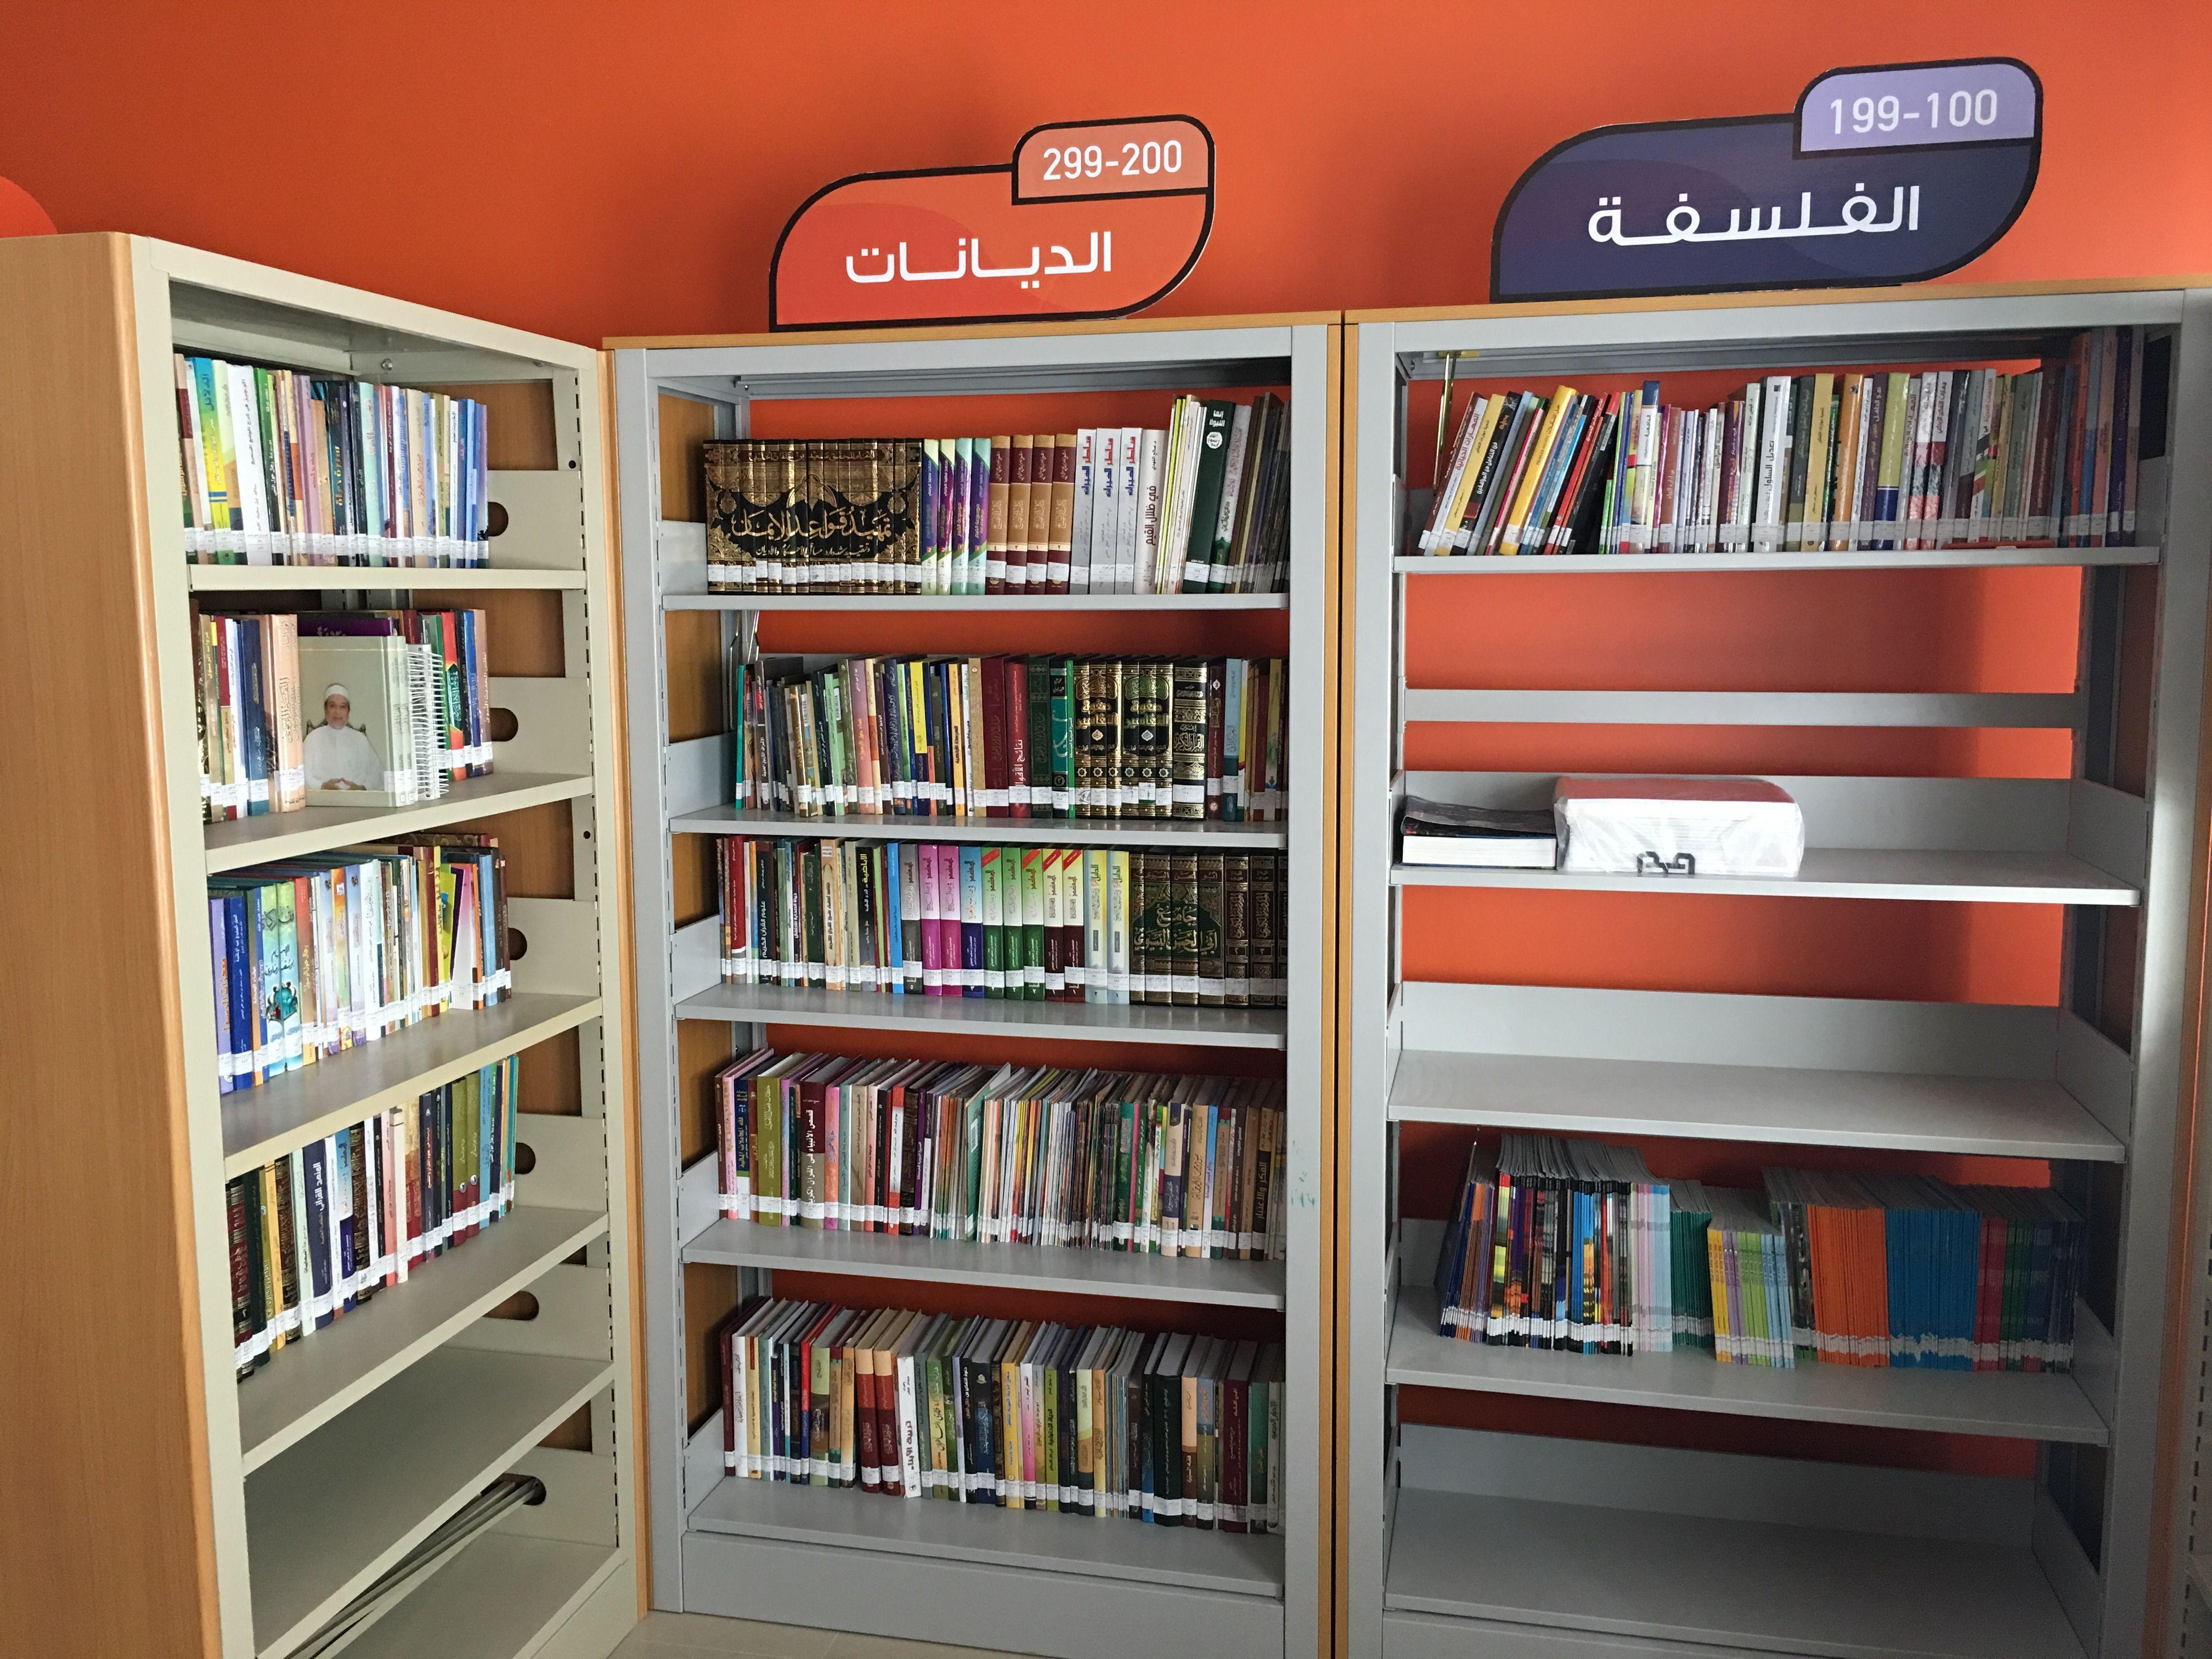 مركز مصادر التعلم بمدرسة عبدالله بن الحارث Decor Home Decor Bookcase